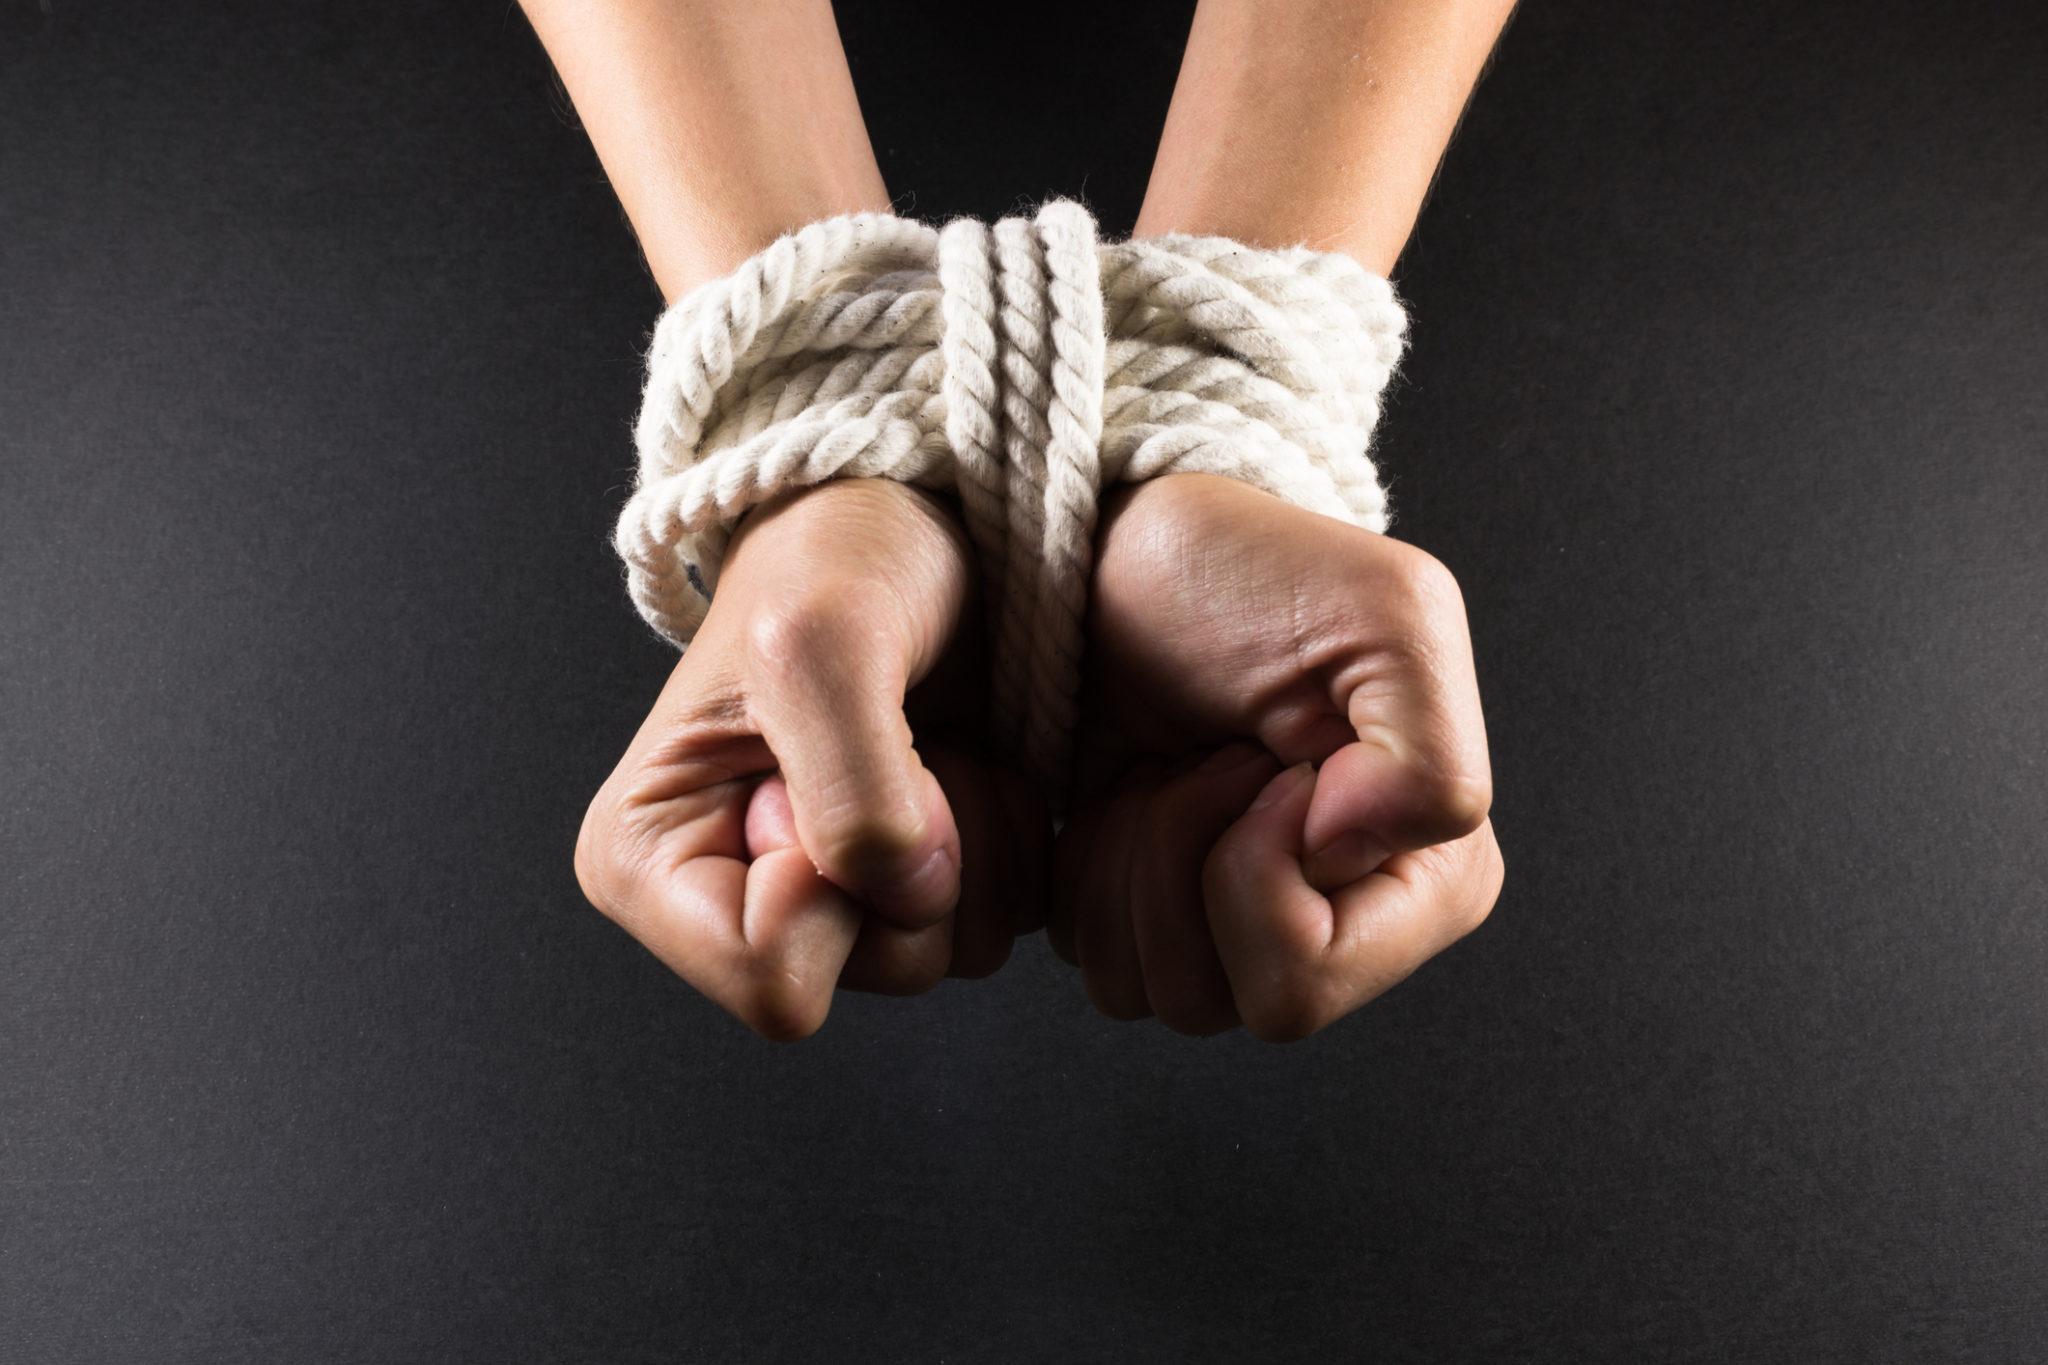 Hình ảnh Giải cứu thiếu niên 15 tuổi bị nhóm thanh niên bắt giữ, hành hạ số 1